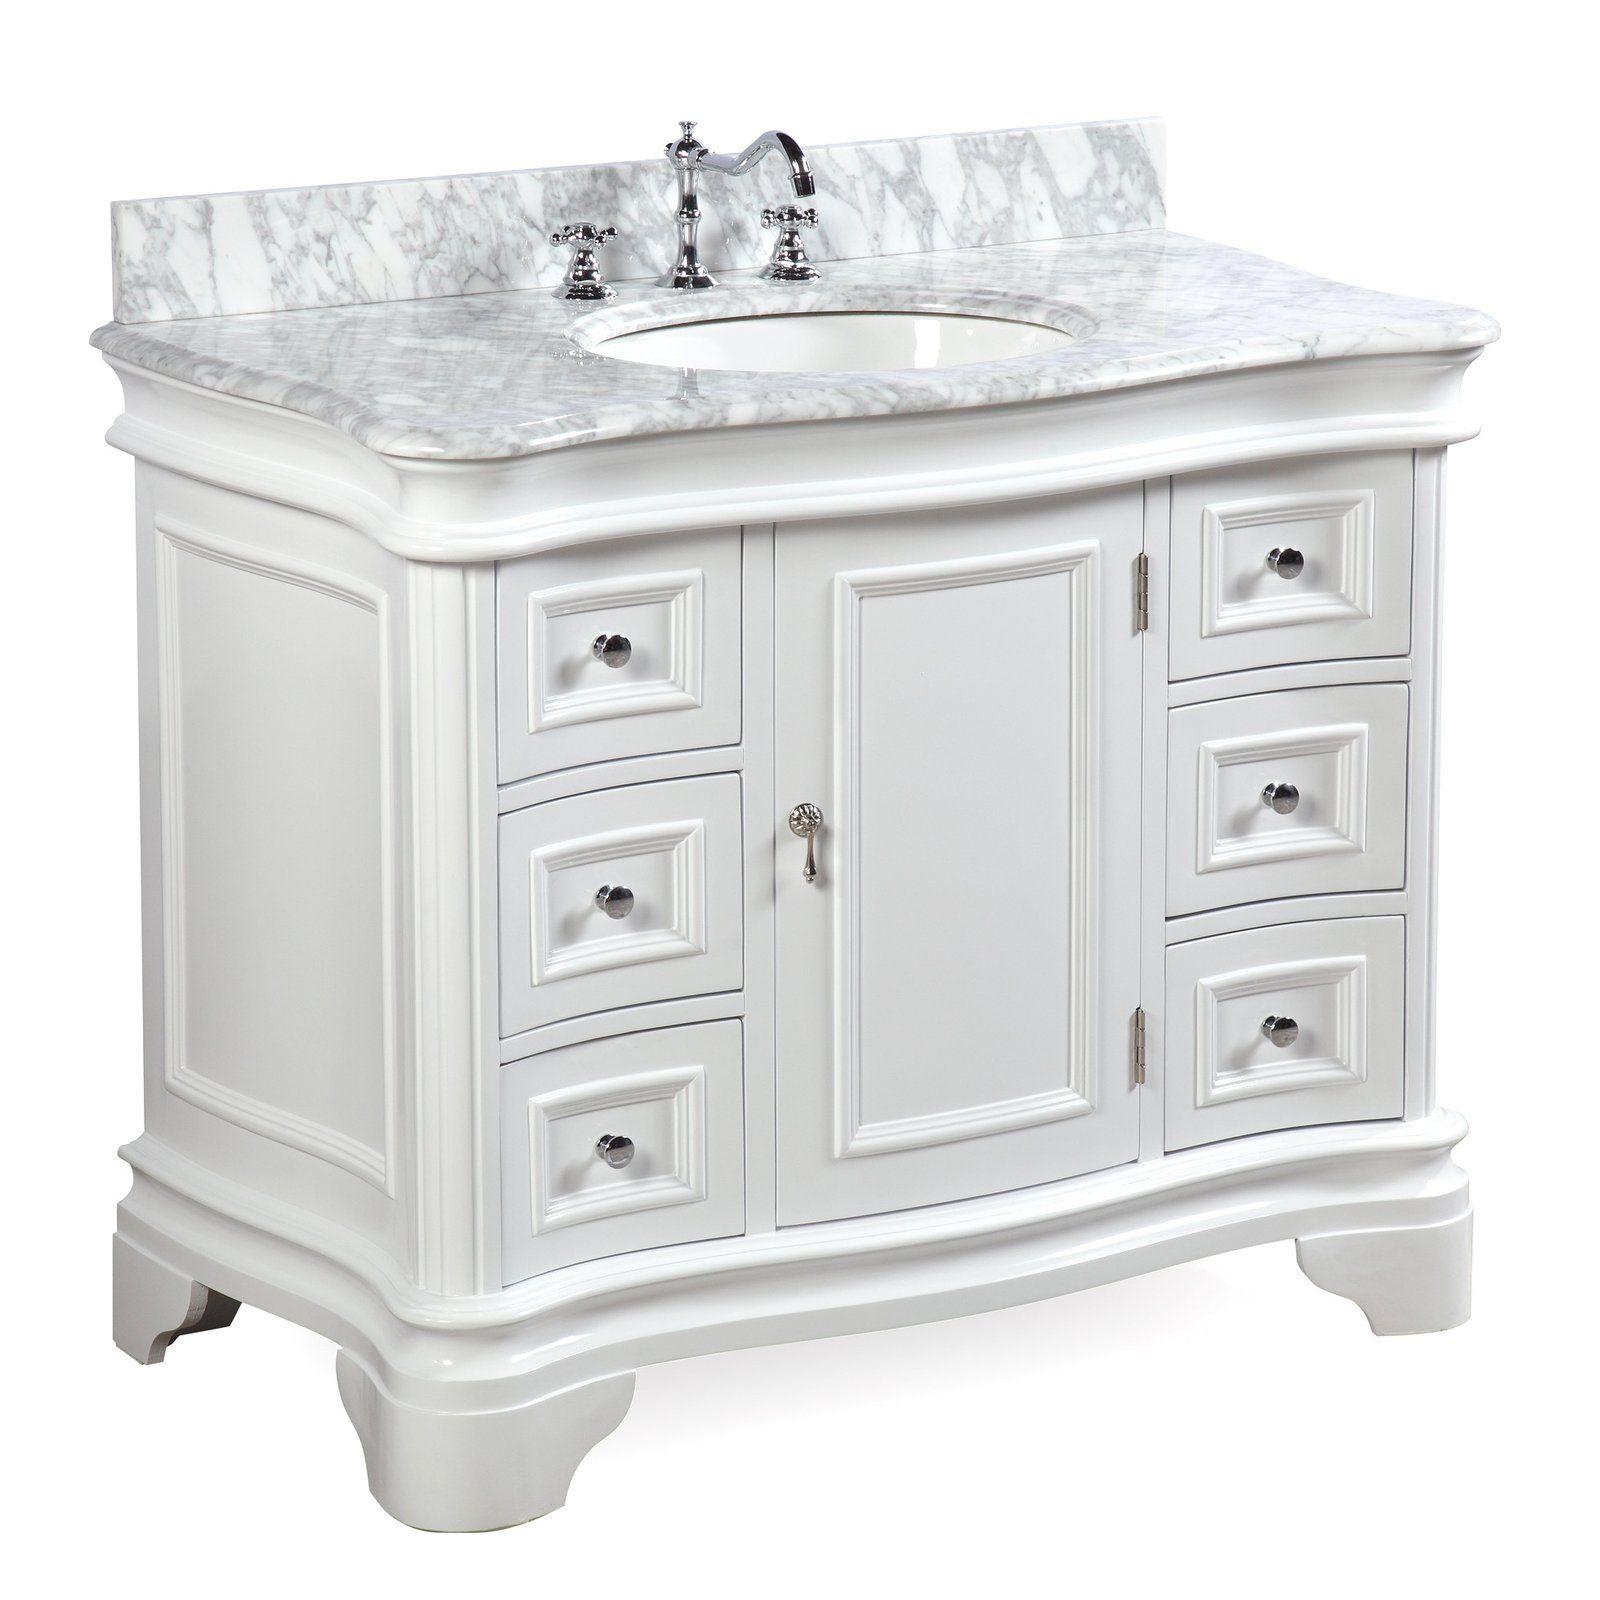 Katherine 42 Inch Vanity With Carrara Marble Top In 2021 42 Inch Bathroom Vanity Single Bathroom Vanity 42 Inch Vanity